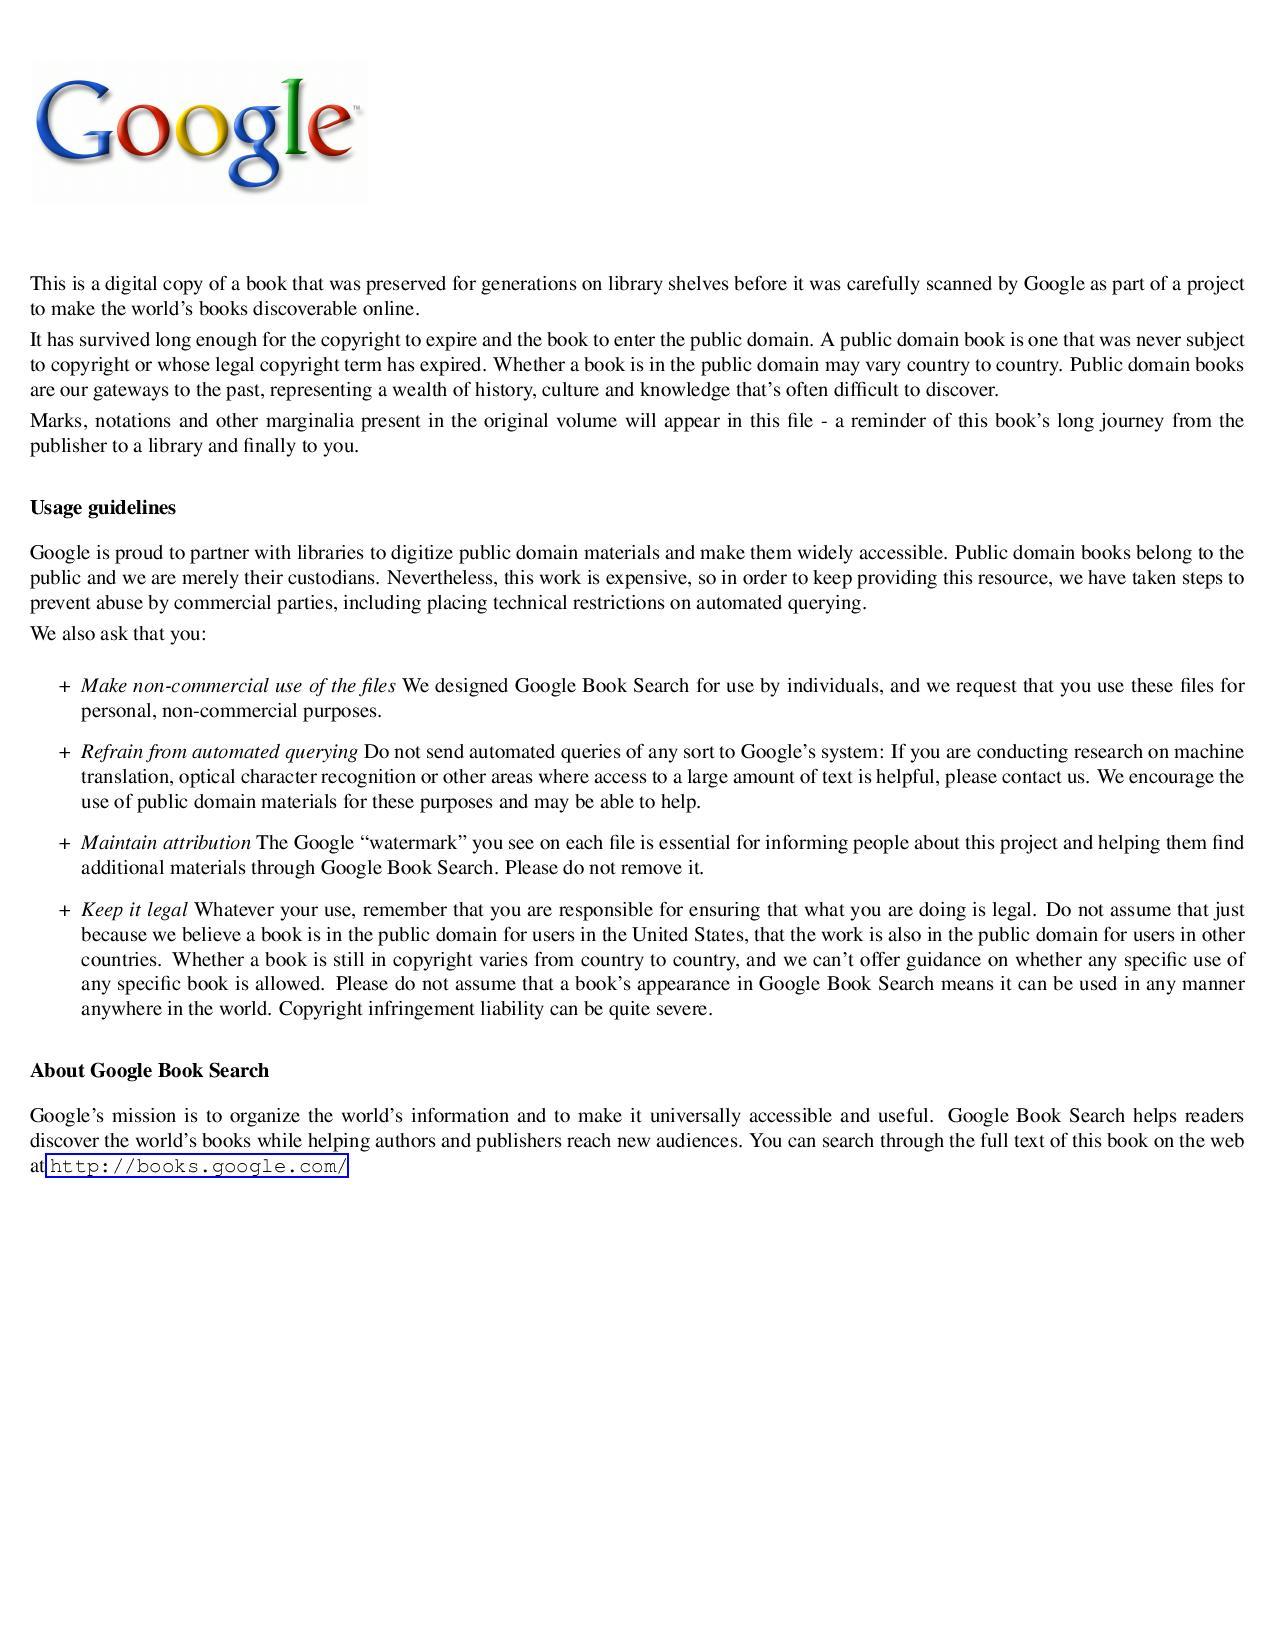 Die handschriften der Grossherzoglich badischen hof- und landesbibliothek in Karlsruhe. by Karlsruhe. Badische landesbibliothek